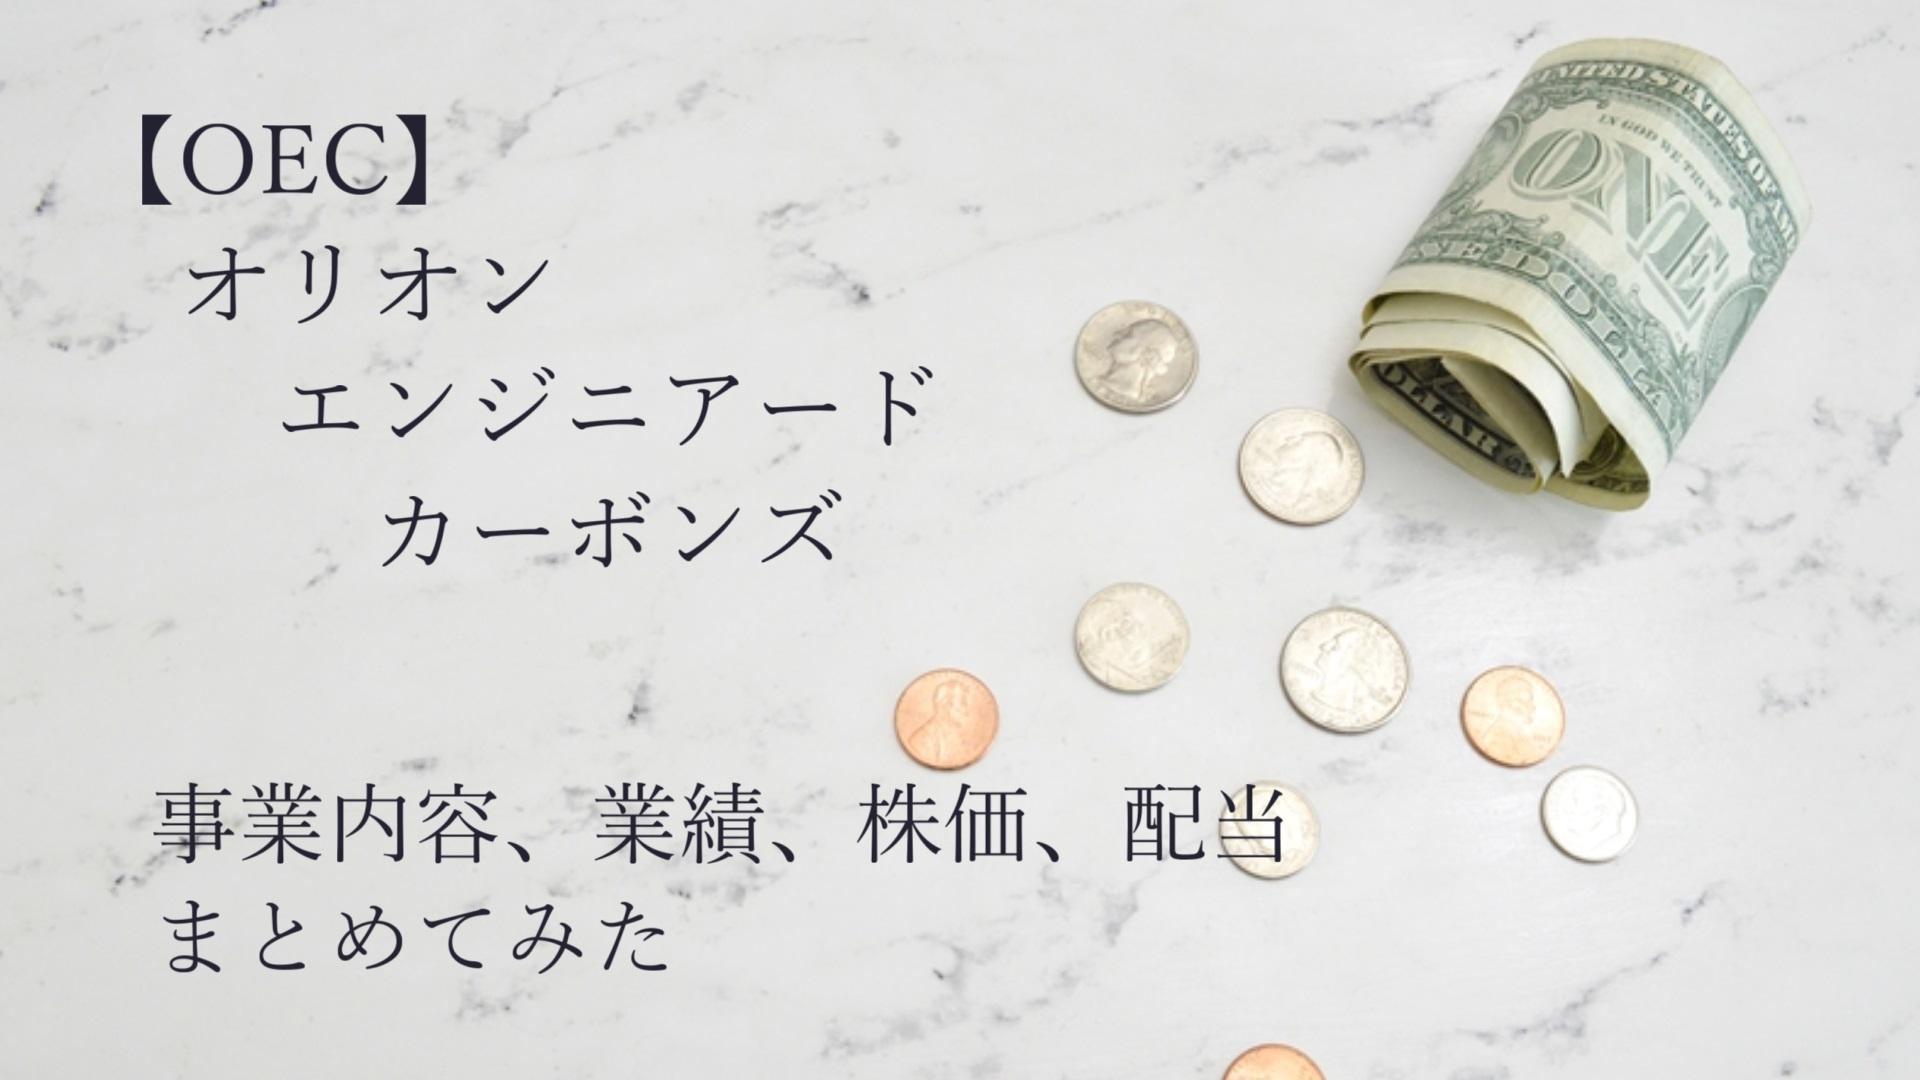 【OEC】オリオン・エンジニアード・カーボンズの銘柄紹介【事業内容・株価・配当など】